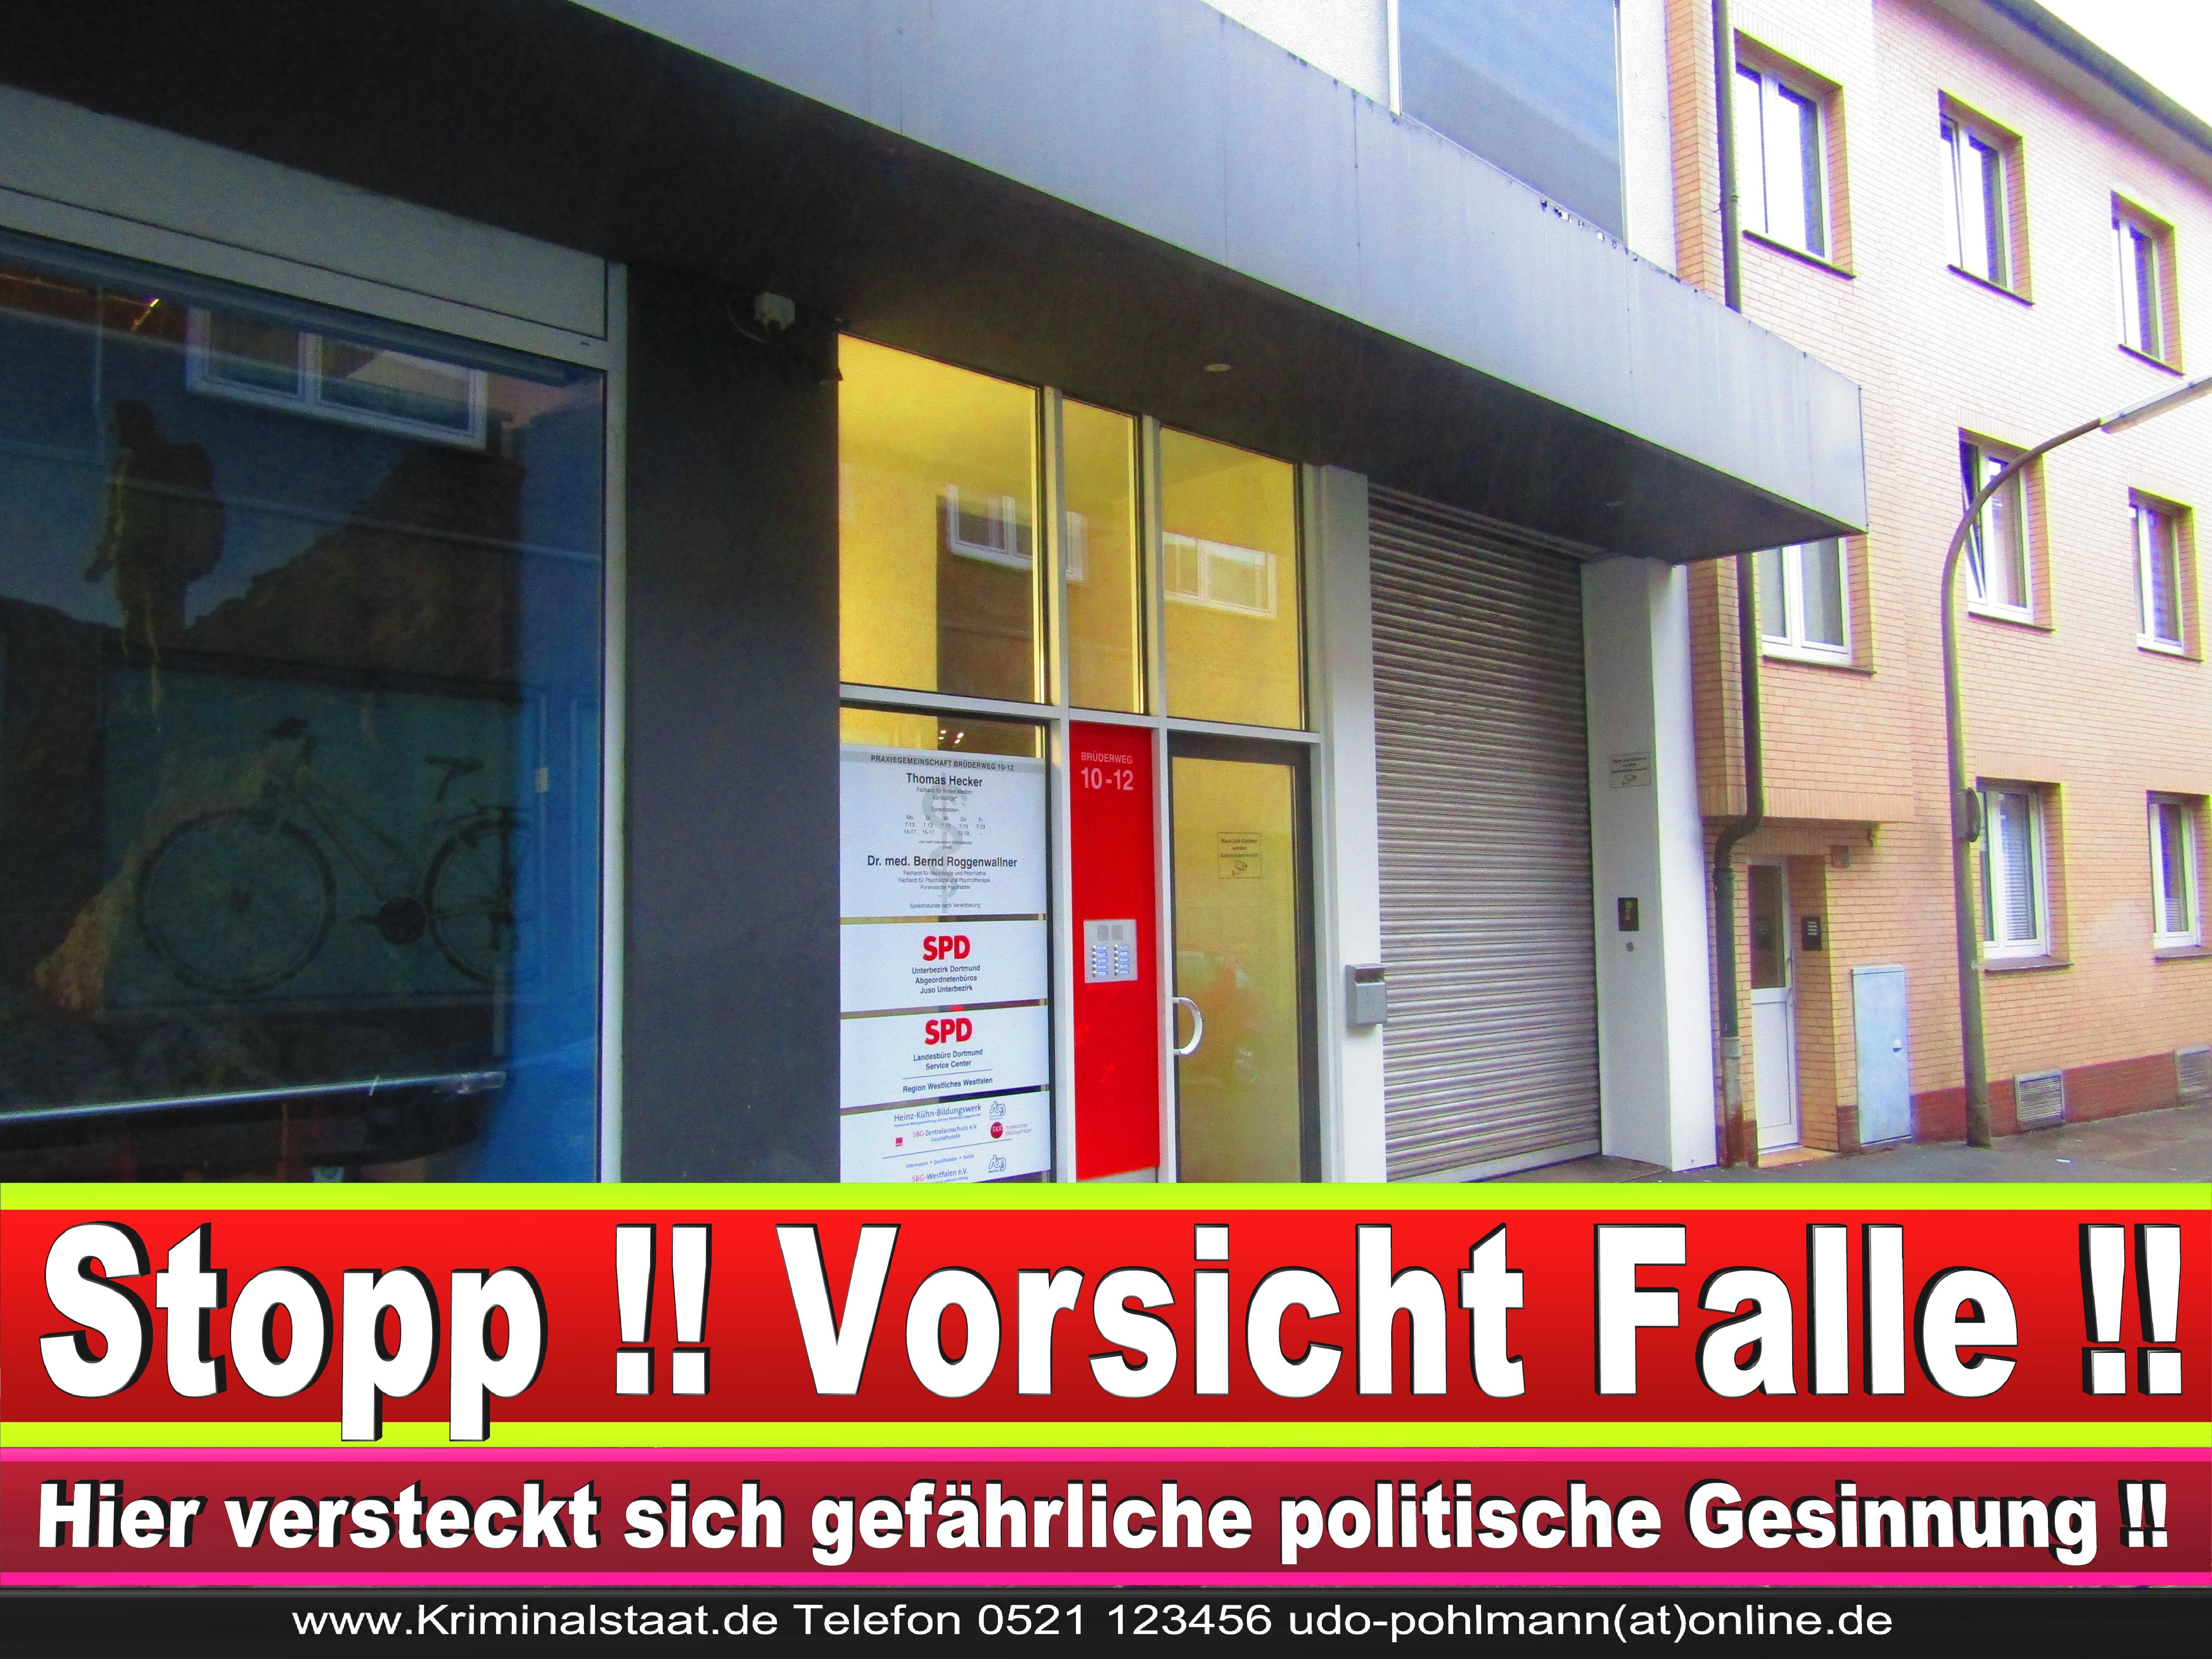 SPD DORTMUND UNTERBEZIRK BüRGERBüRO SPD ORTSVERBAND RAT STADT RATSMITGLIEDER SPD FRAKTION SPD NRW ADRESSE (17) 1